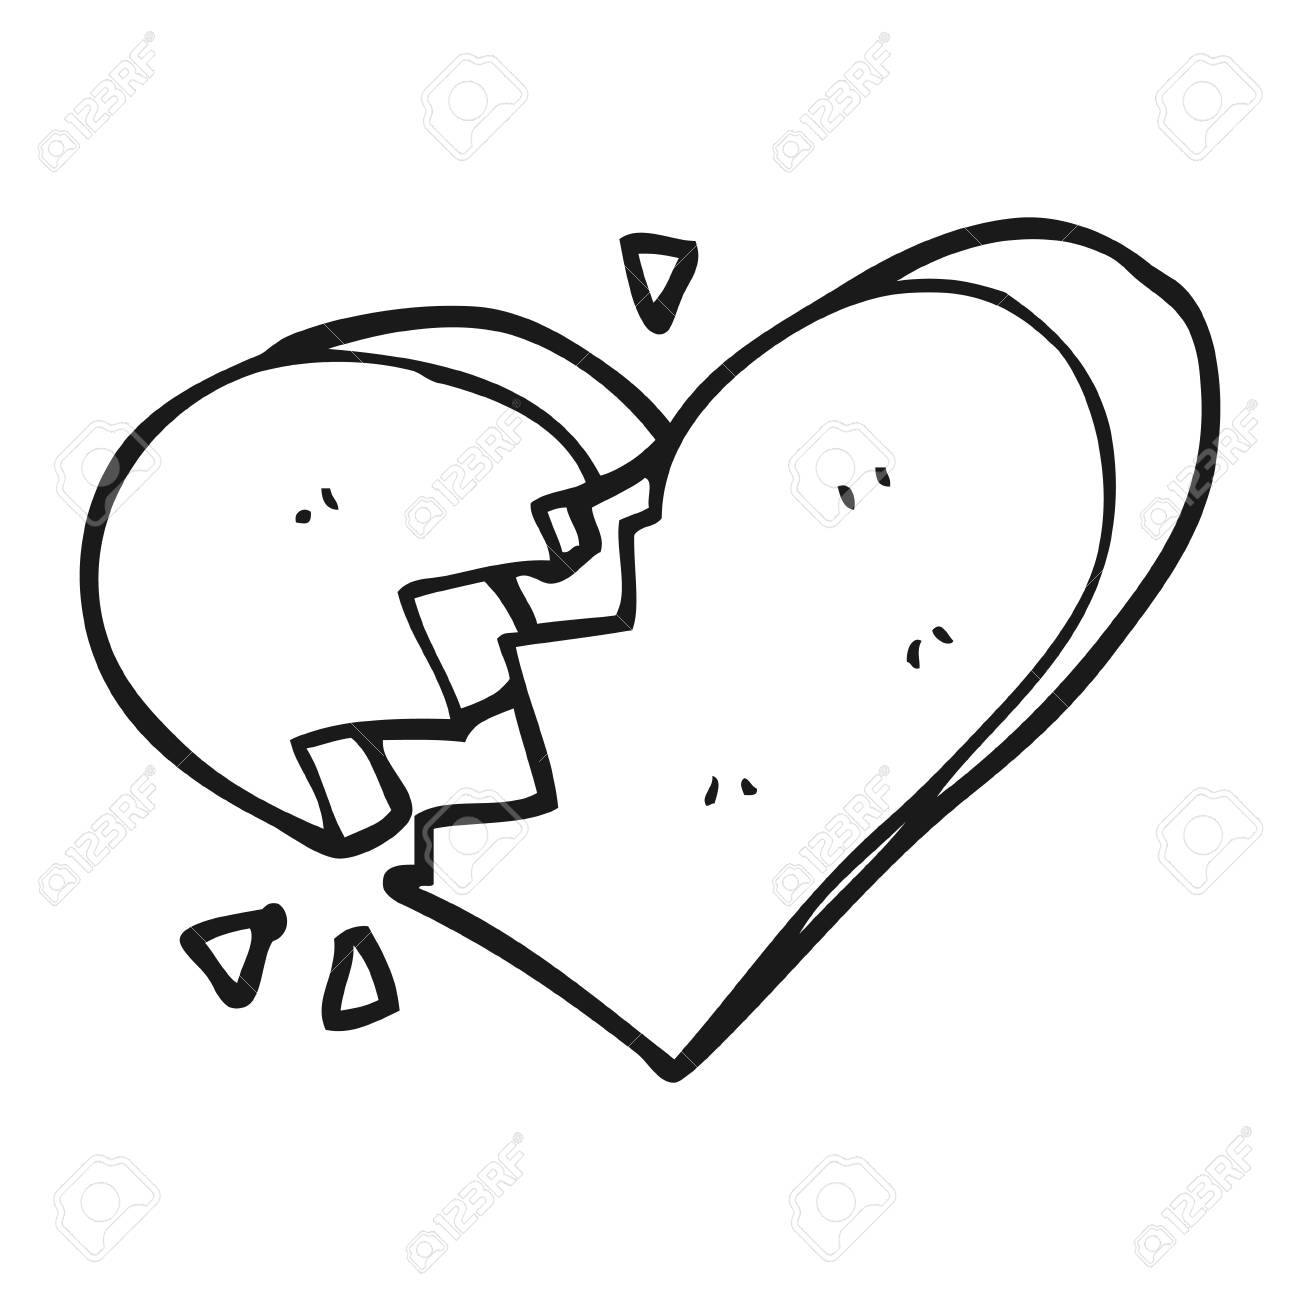 Dibujado A Mano Alzada Corazón Roto De Dibujos Animados En Blanco Y ...